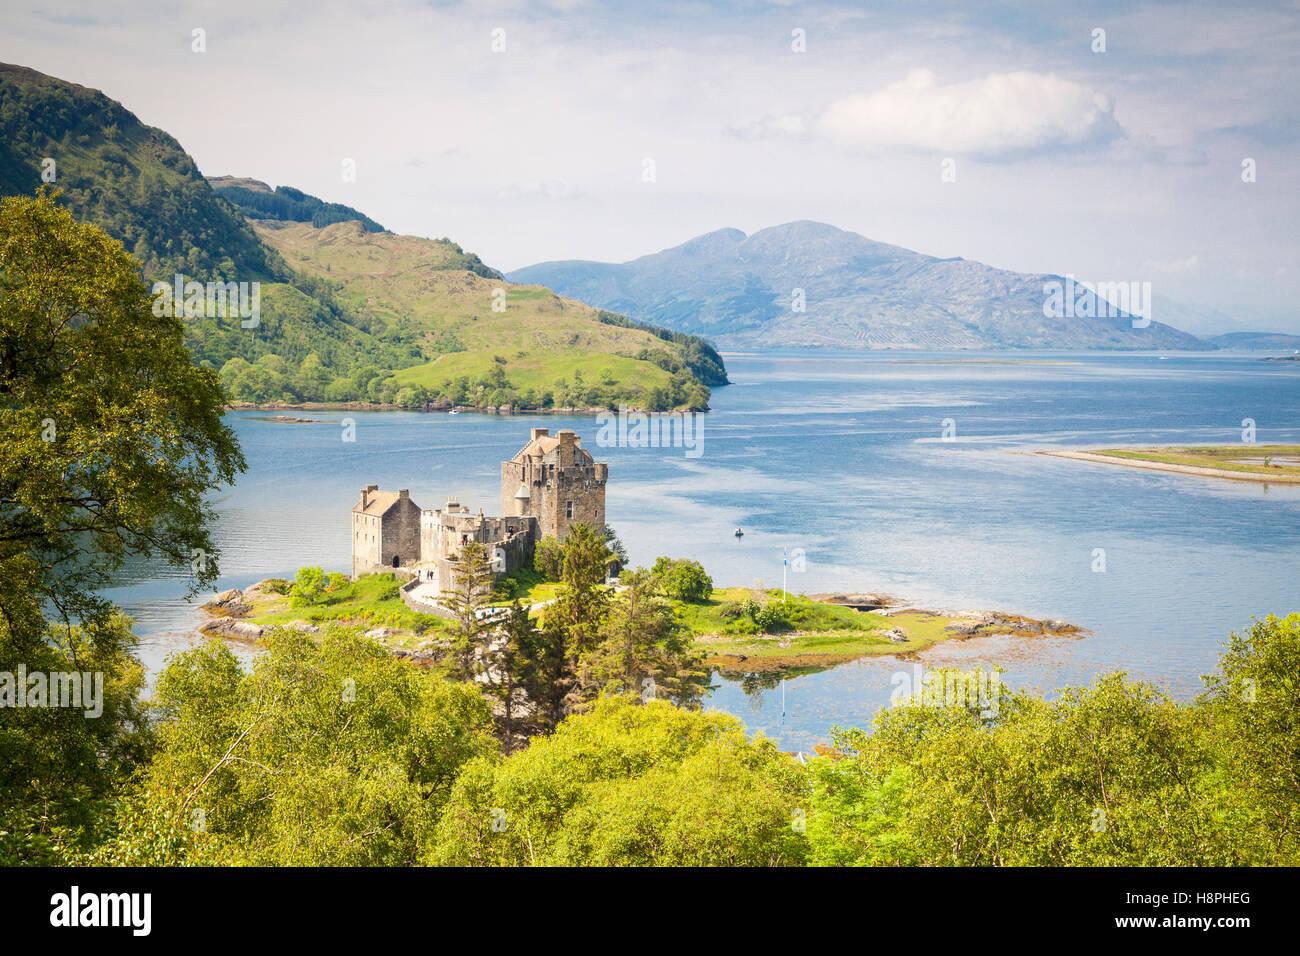 Le Château d'Eilean Donan, Loch Duich, Highlands, Scotland Banque D'Images